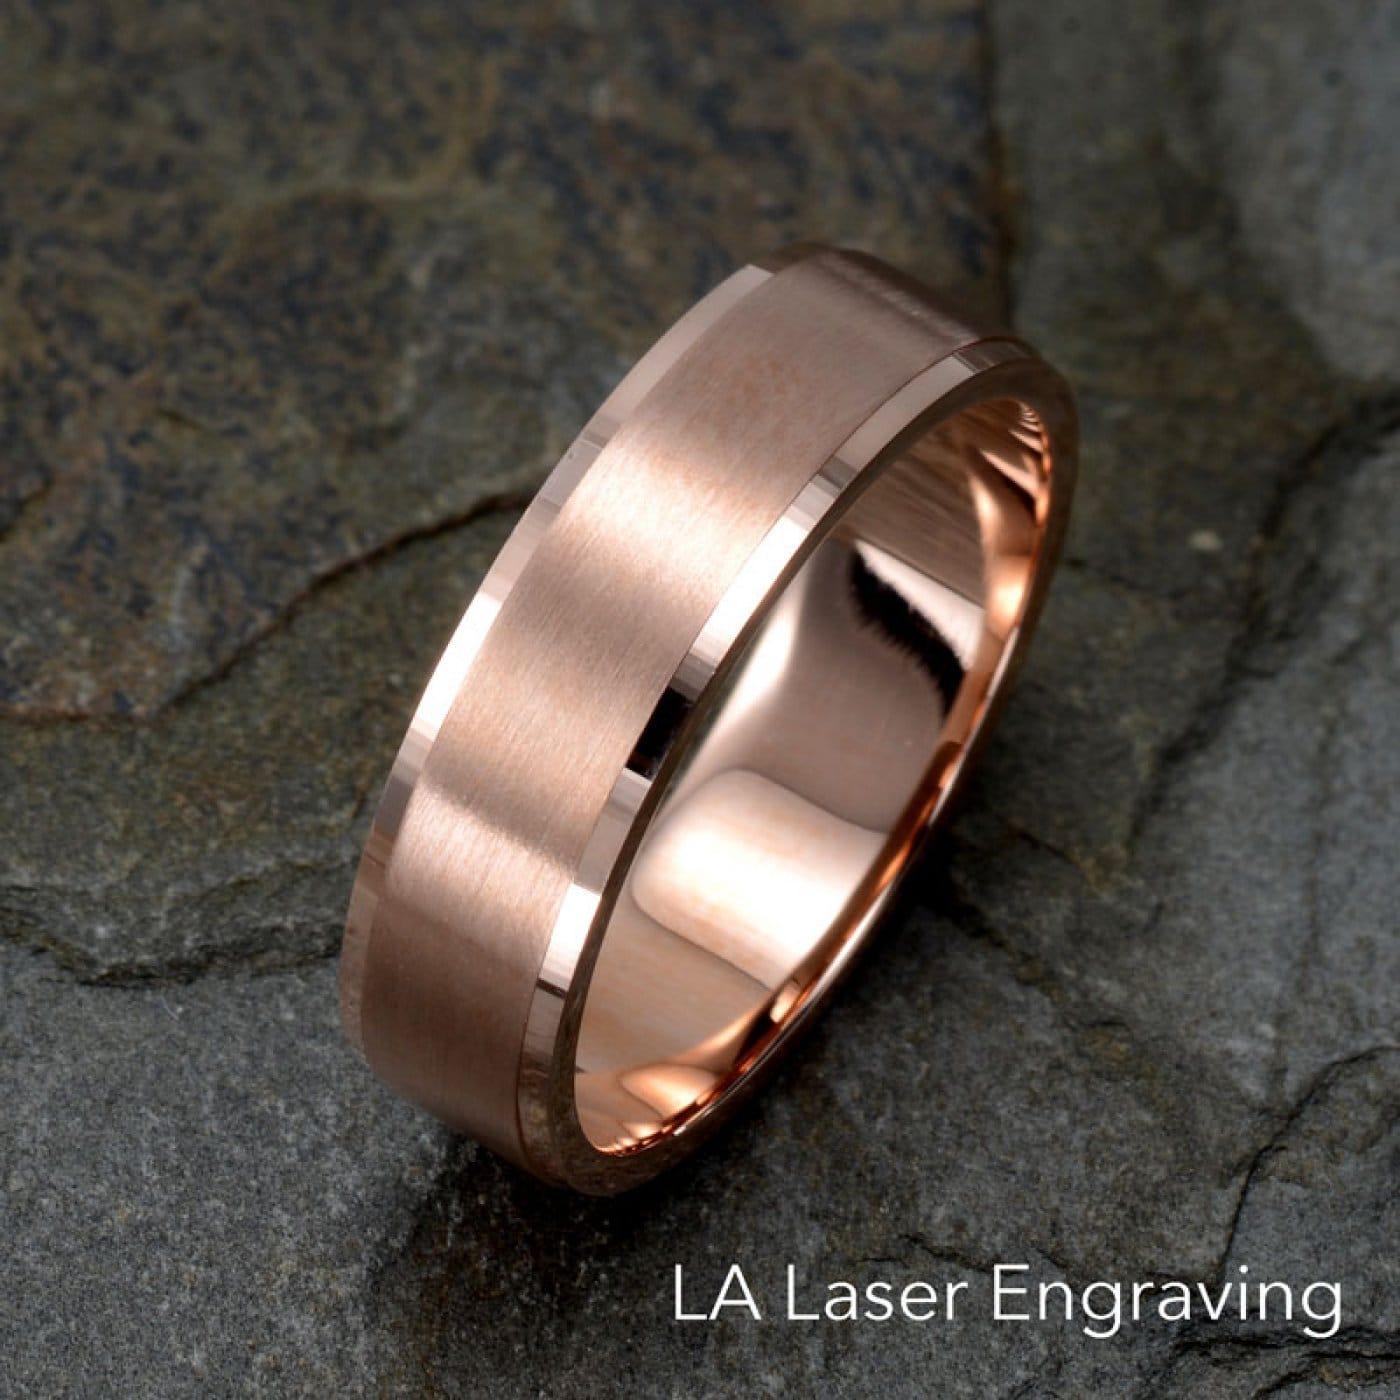 Rose Gold Wedding Band.6mm Brushed 14k Rose Gold Wedding Band Polished Stepped Edge